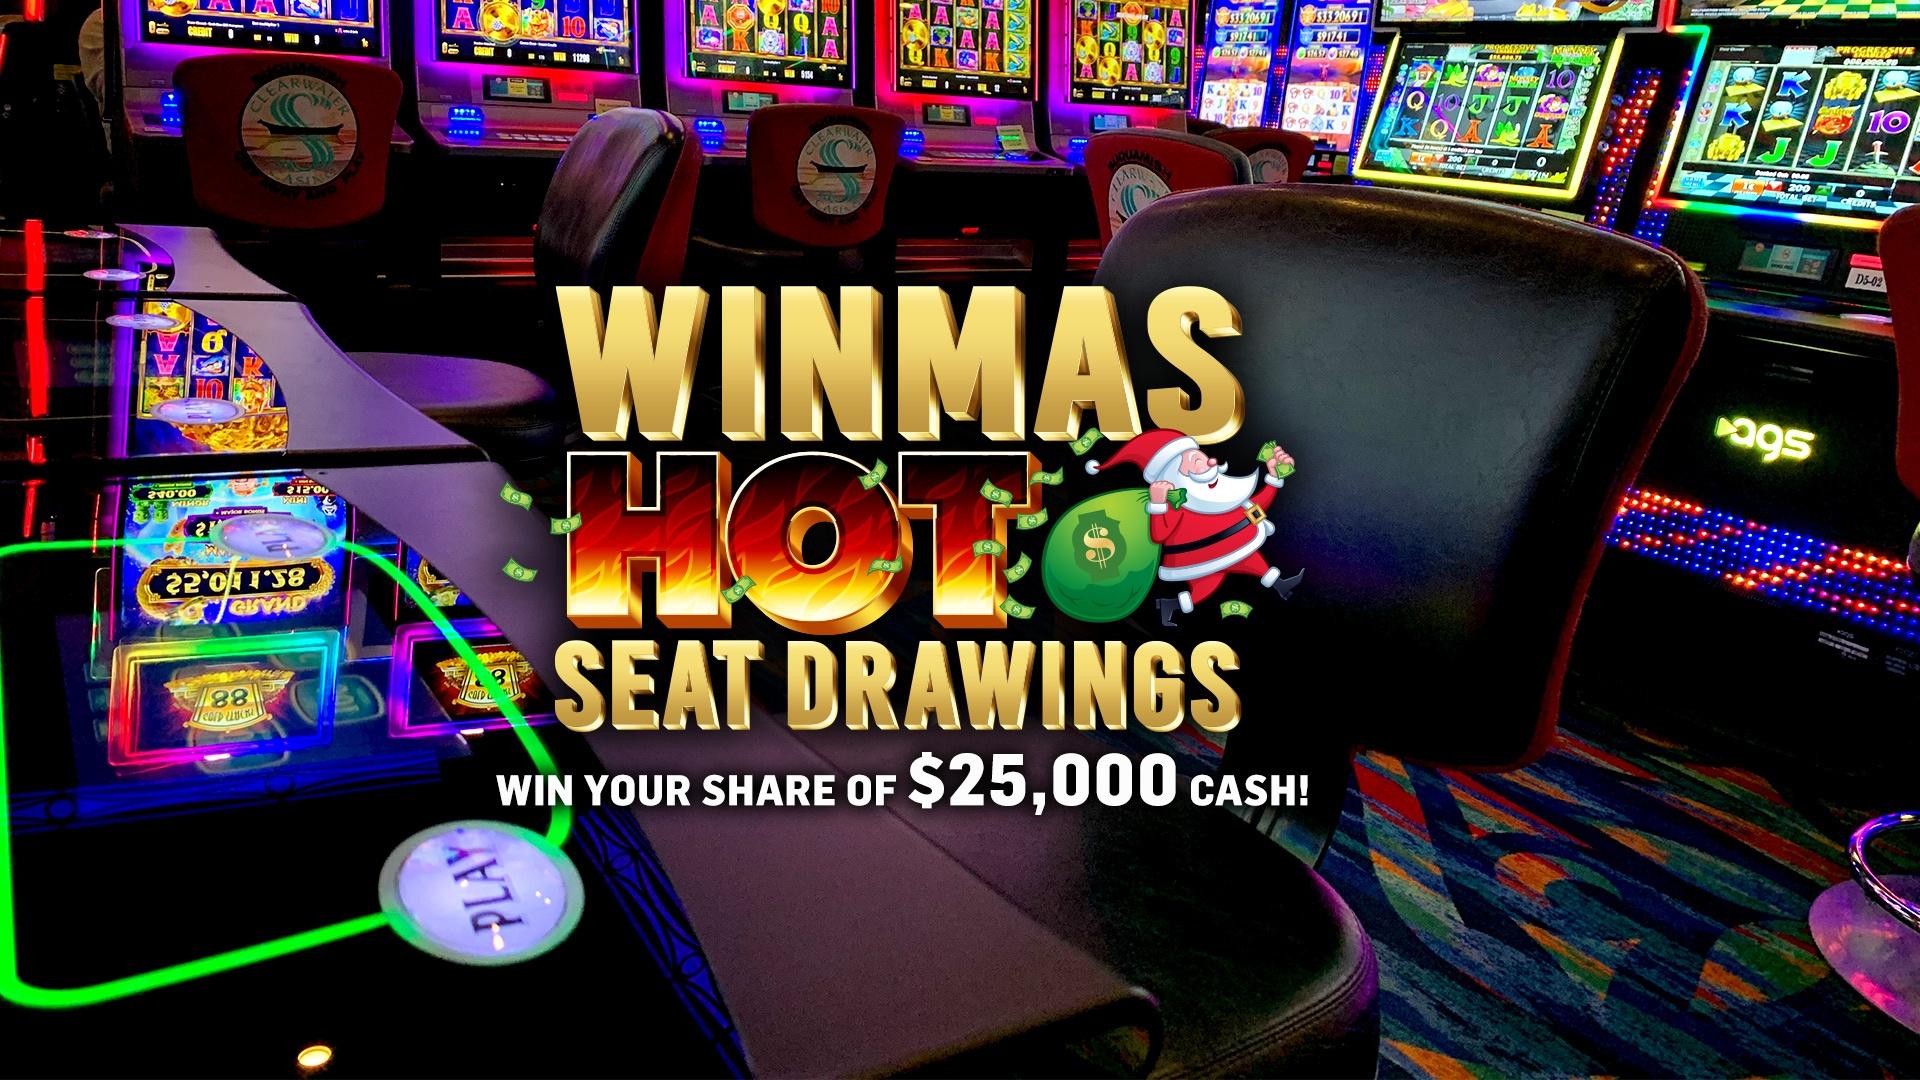 WINMAS Clearwater Casino Resort